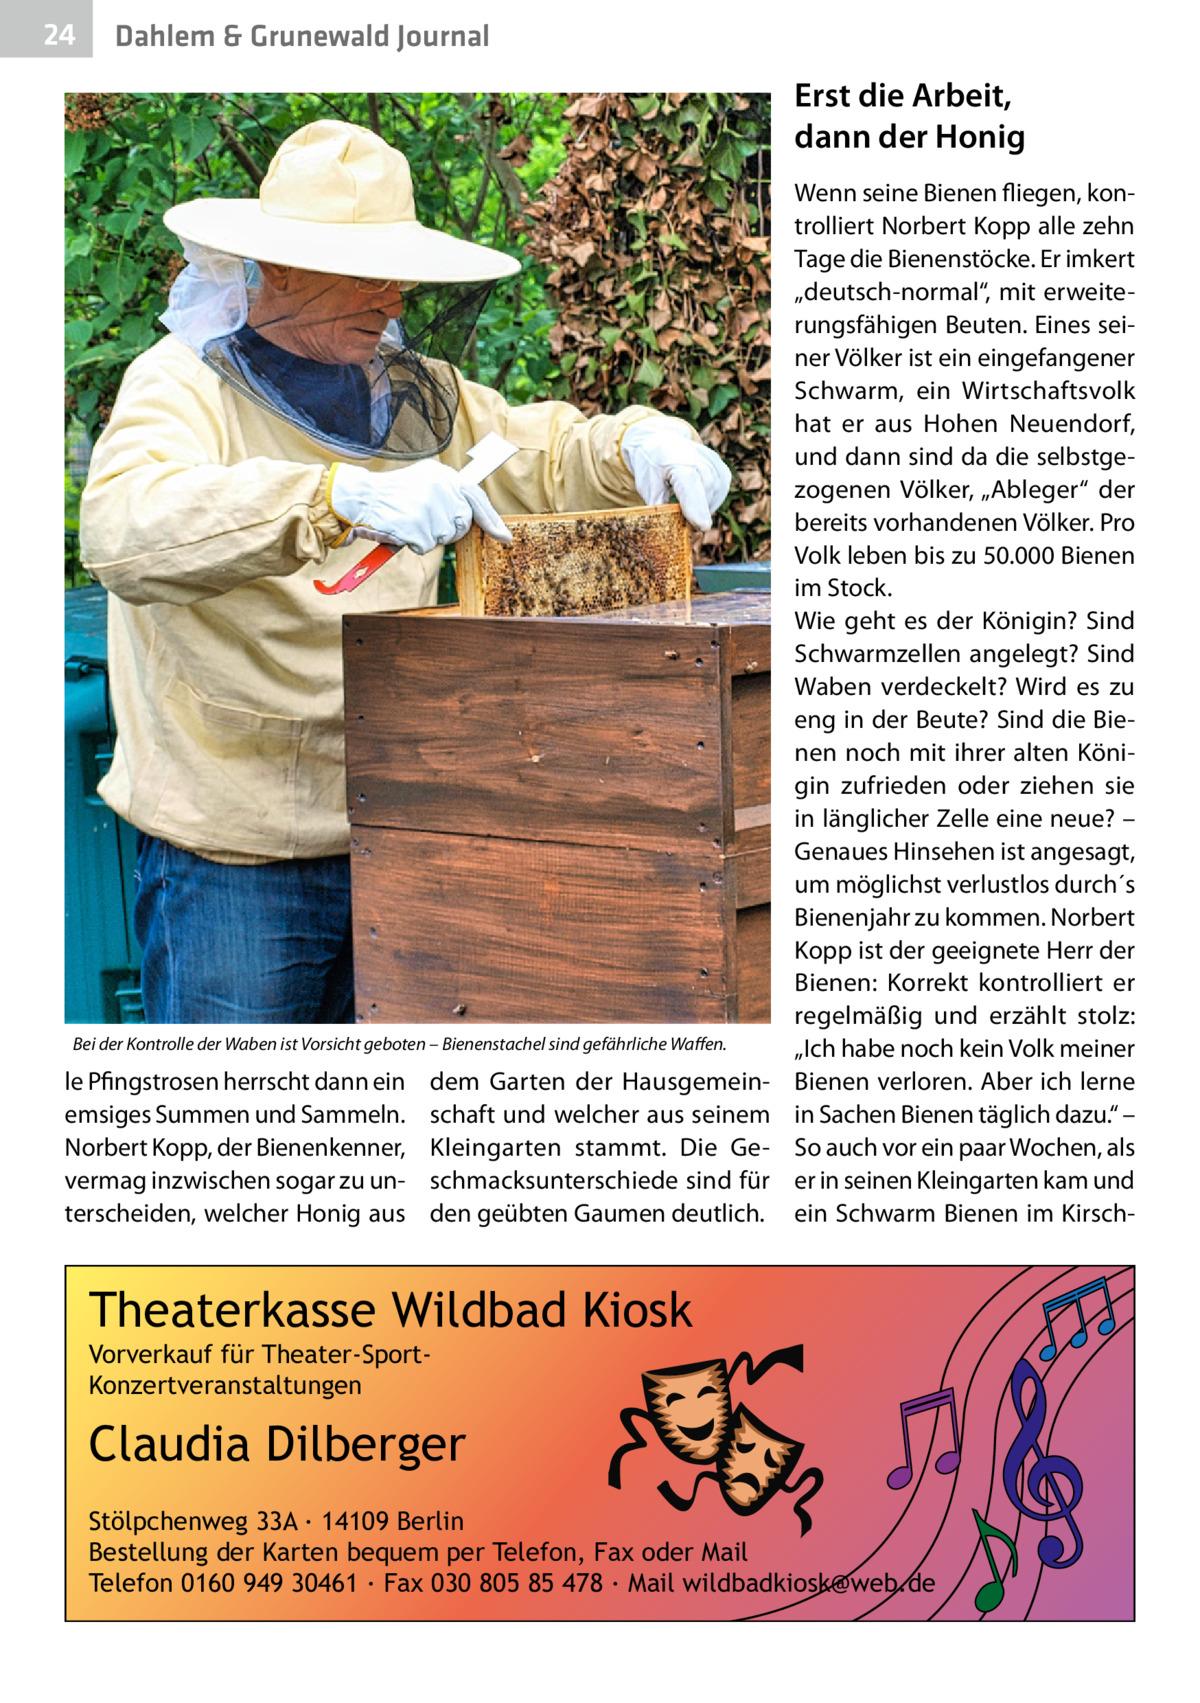 """24  Dahlem & Grunewald Journal  Erst die Arbeit, dann der Honig  Bei der Kontrolle der Waben ist Vorsicht geboten – Bienenstachel sind gefährliche Waffen.  le Pfingstrosen herrscht dann ein emsiges Summen und Sammeln. Norbert Kopp, der Bienenkenner, vermag inzwischen sogar zu unterscheiden, welcher Honig aus  dem Garten der Hausgemeinschaft und welcher aus seinem Kleingarten stammt. Die Geschmacksunterschiede sind für den geübten Gaumen deutlich.  Wenn seine Bienen fliegen, kontrolliert Norbert Kopp alle zehn Tage die Bienenstöcke. Er imkert """"deutsch-normal"""", mit erweiterungsfähigen Beuten. Eines seiner Völker ist ein eingefangener Schwarm, ein Wirtschaftsvolk hat er aus Hohen Neuendorf, und dann sind da die selbstgezogenen Völker, """"Ableger"""" der bereits vorhandenen Völker. Pro Volk leben bis zu 50.000 Bienen im Stock. Wie geht es der Königin? Sind Schwarmzellen angelegt? Sind Waben verdeckelt? Wird es zu eng in der Beute? Sind die Bienen noch mit ihrer alten Königin zufrieden oder ziehen sie in länglicher Zelle eine neue? – Genaues Hinsehen ist angesagt, um möglichst verlustlos durch´s Bienenjahr zu kommen. Norbert Kopp ist der geeignete Herr der Bienen: Korrekt kontrolliert er regelmäßig und erzählt stolz: """"Ich habe noch kein Volk meiner Bienen verloren. Aber ich lerne in Sachen Bienen täglich dazu."""" – So auch vor ein paar Wochen, als er in seinen Kleingarten kam und ein Schwarm Bienen im Kirsch Theaterkasse Wildbad Kiosk Vorverkauf für Theater-SportKonzertveranstaltungen  Claudia Dilberger Stölpchenweg 33A ∙ 14109 Berlin Bestellung der Karten bequem per Telefon, Fax oder Mail Telefon 0160 949 30461 ∙ Fax 030 805 85 478 ∙ Mail wildbadkiosk@web.de"""